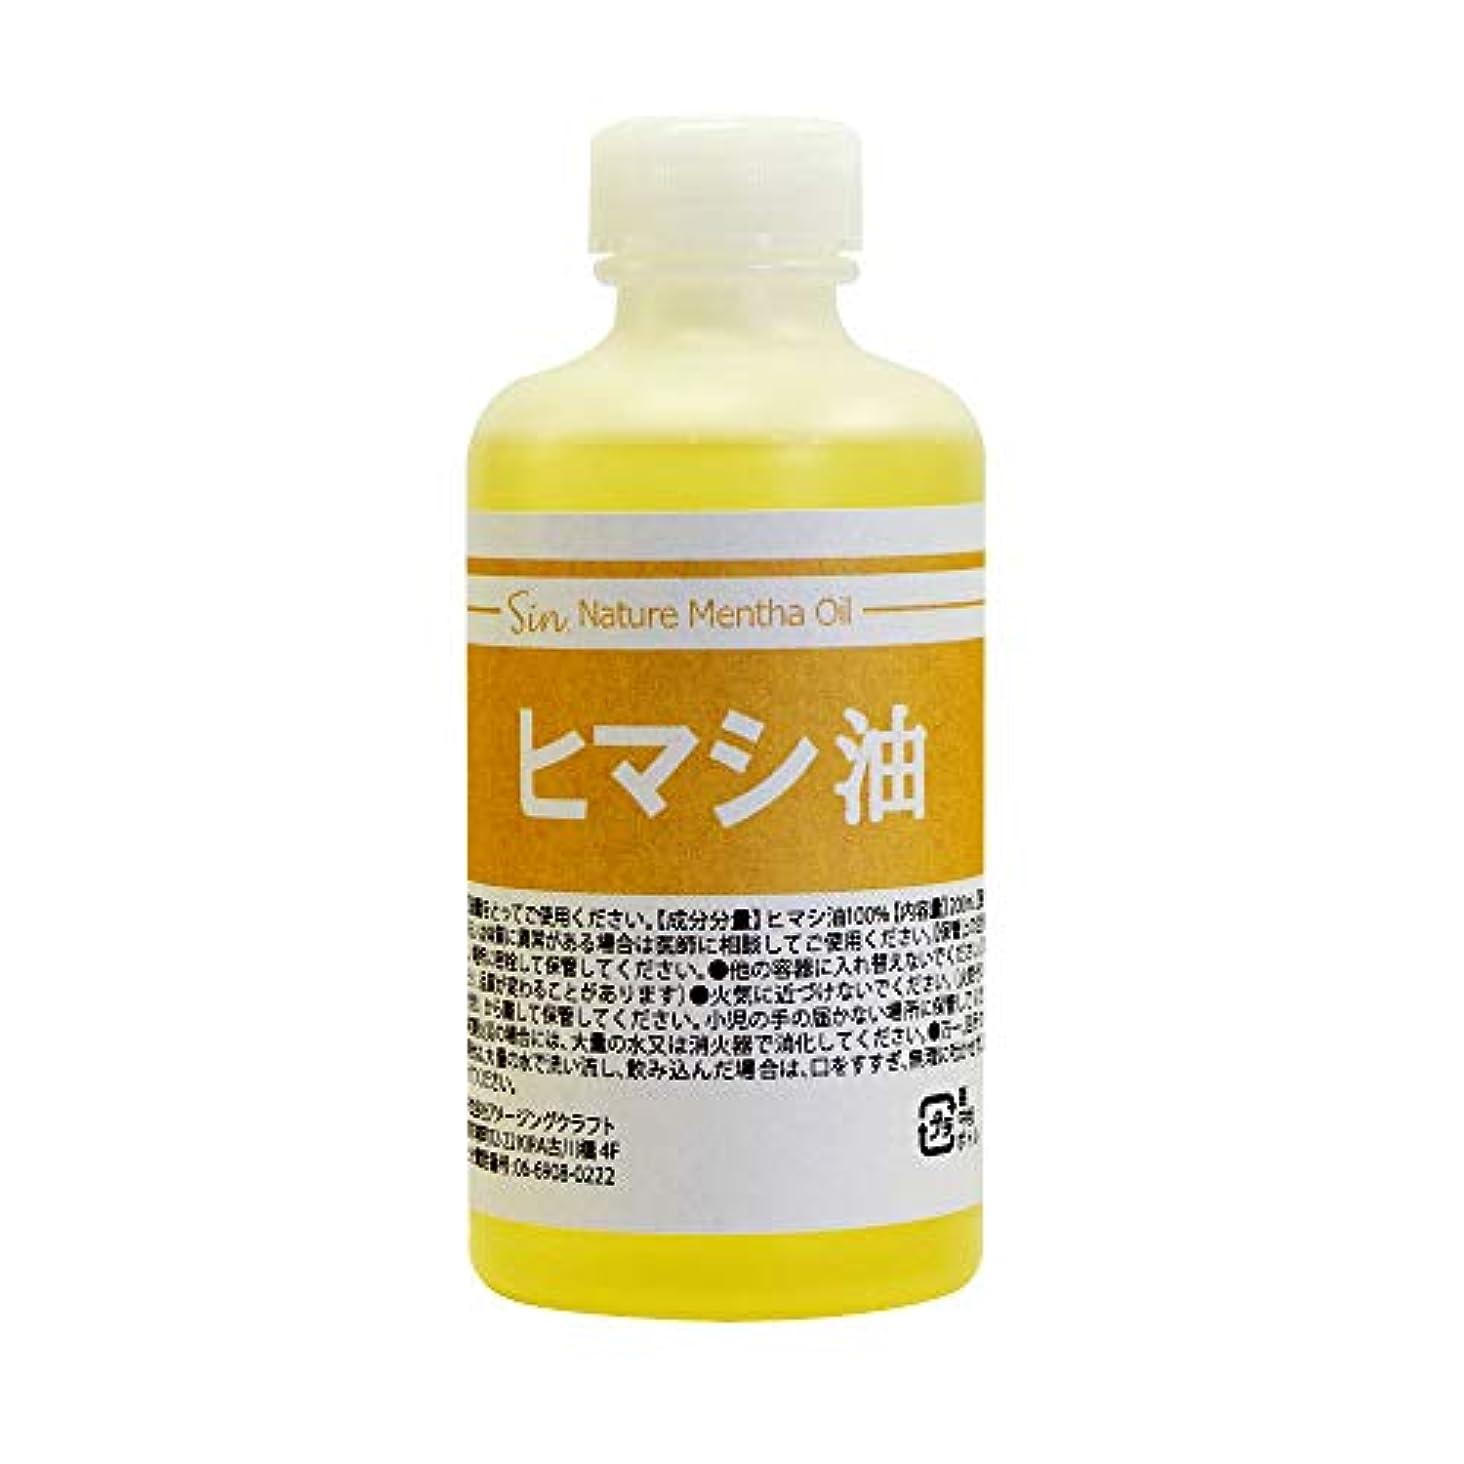 引き潮切断する二週間天然無添加 国内精製ひまし油 (キャスターオイル) 200ml